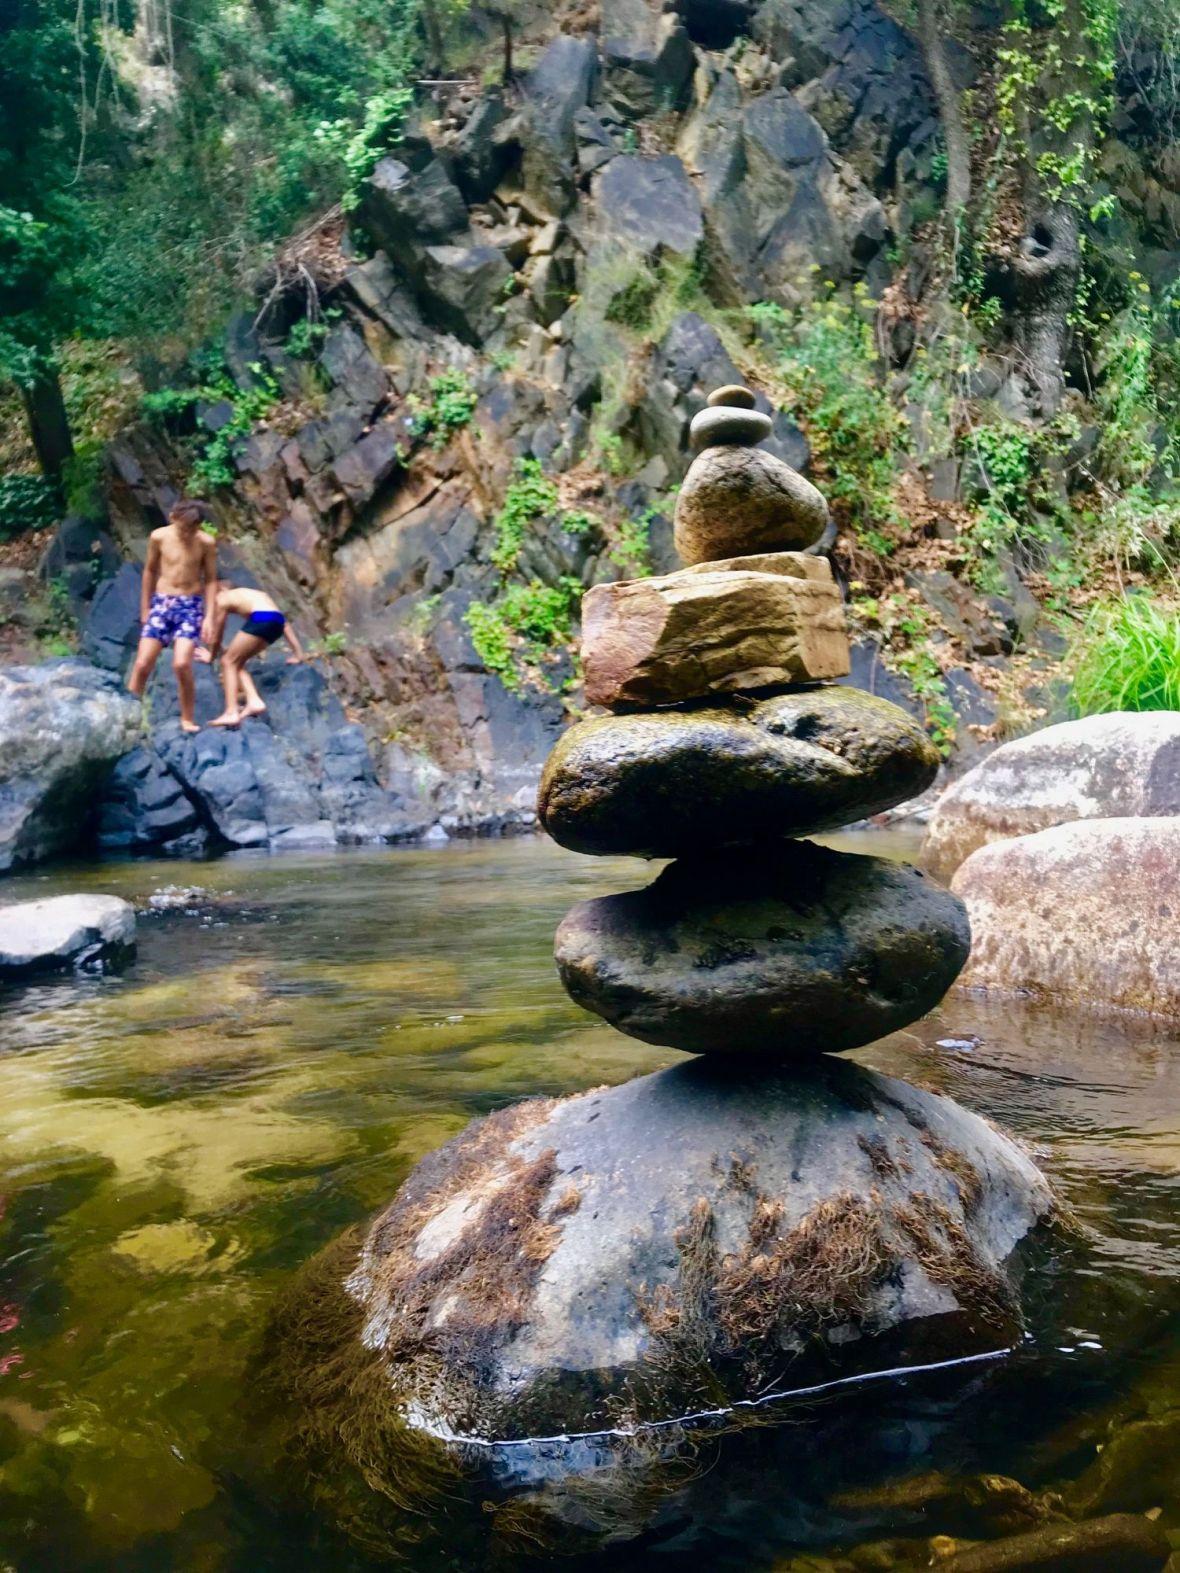 pratique stone balancing empilement de cailloux rockbalancing Stone Balancing - Spot de Jeux d'équilibres éphémères